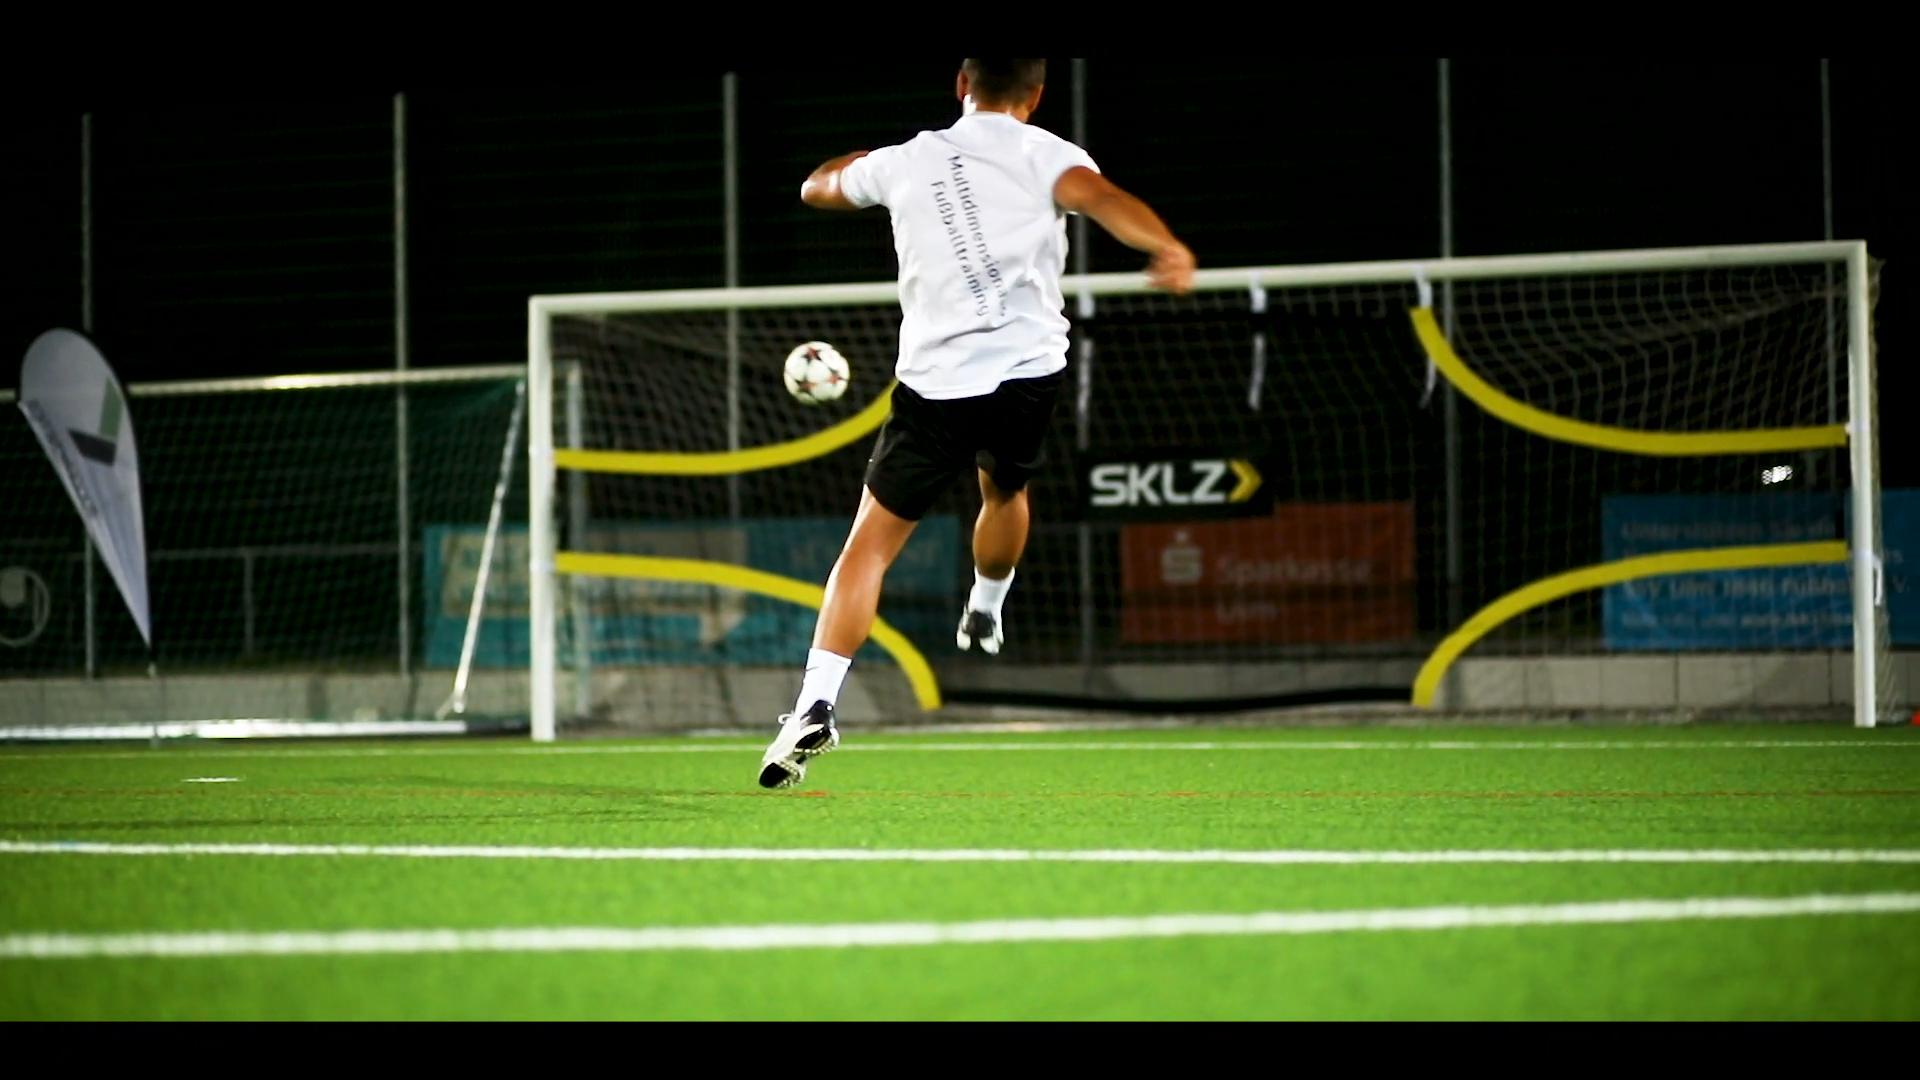 Fußball Individualtraining - Einzeltraining Fußball Ulm